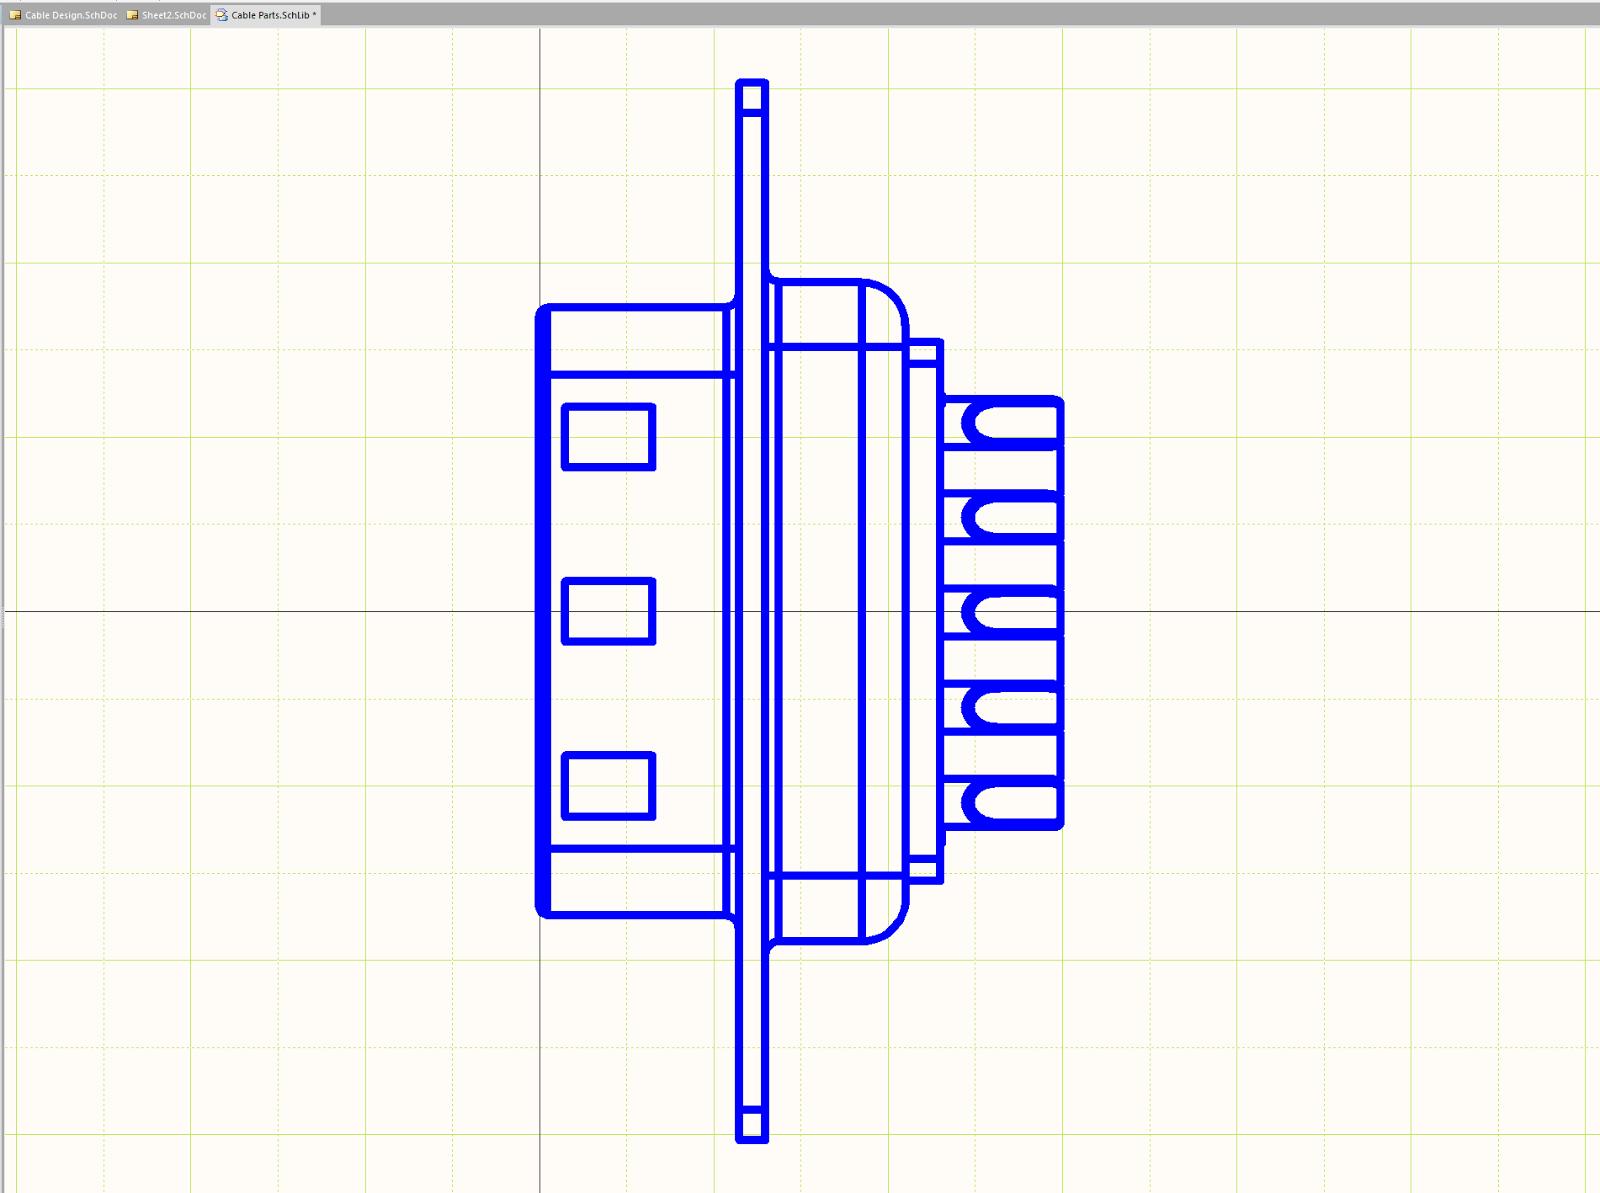 Figure 4.  Vue de profil d'un connecteur DSUB dans l'éditeur Altium pour la réalisation des câblages et du schématique.